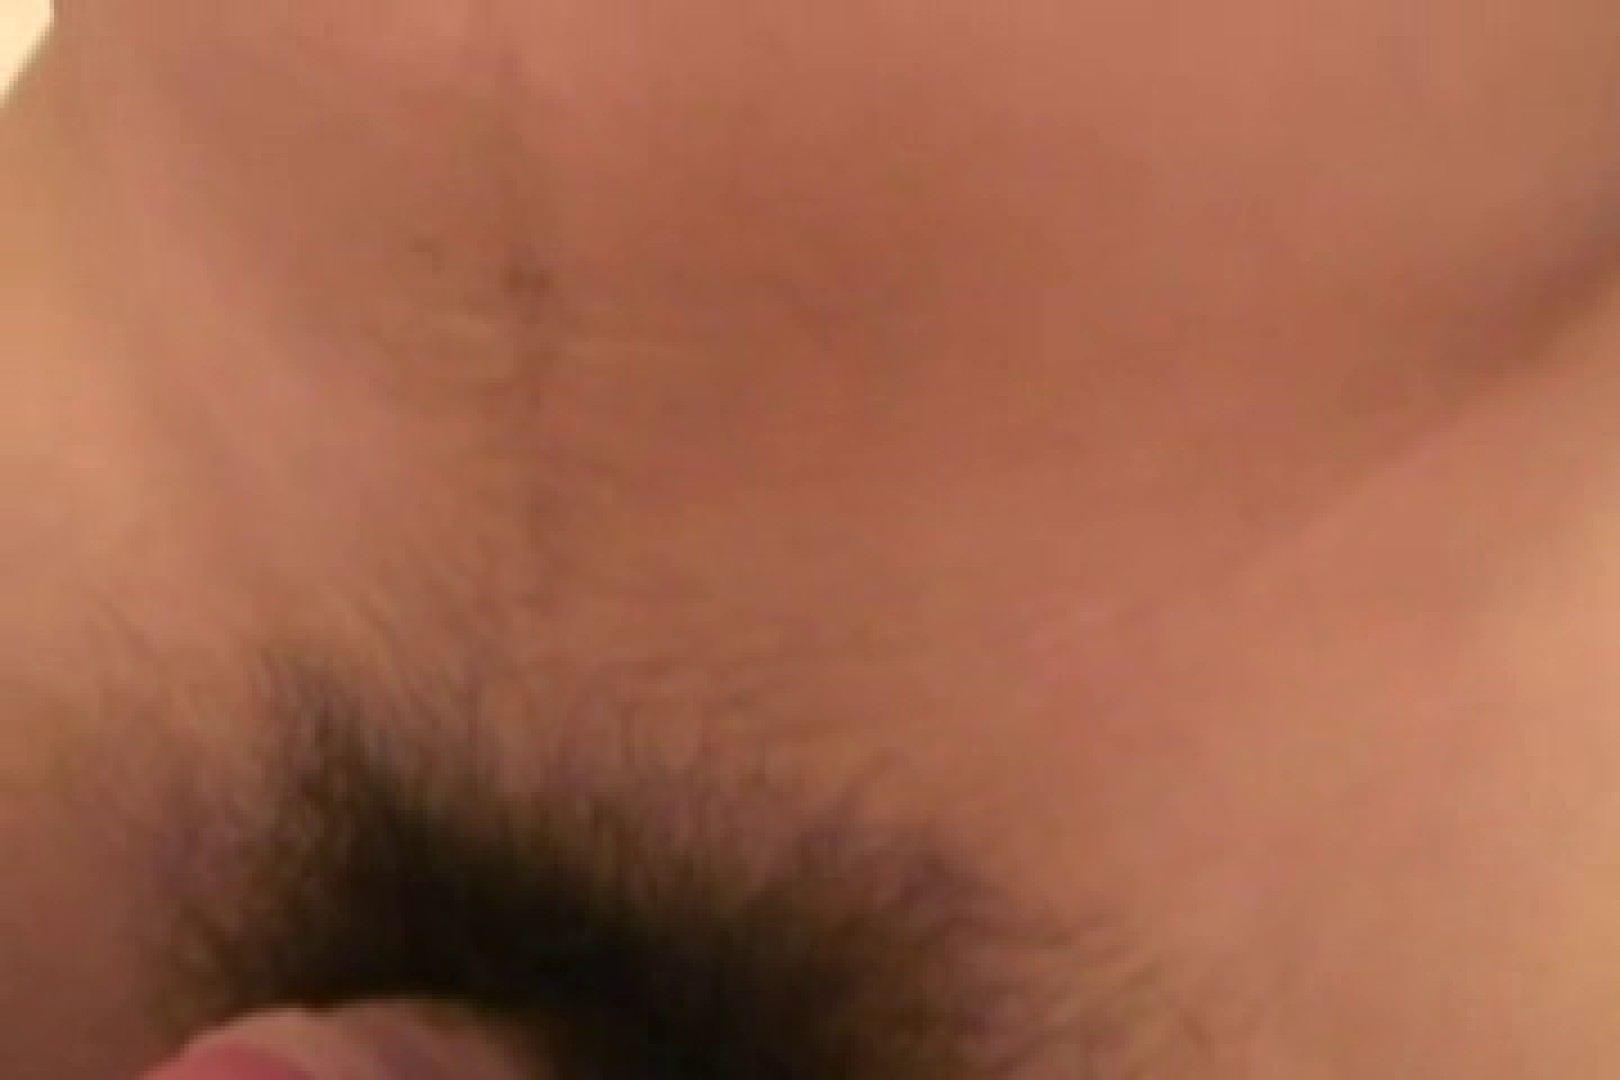 ひげメンたちのディープラブ!!コックリングでアナル三昧 騎乗位 ゲイエロ画像 76pic 69